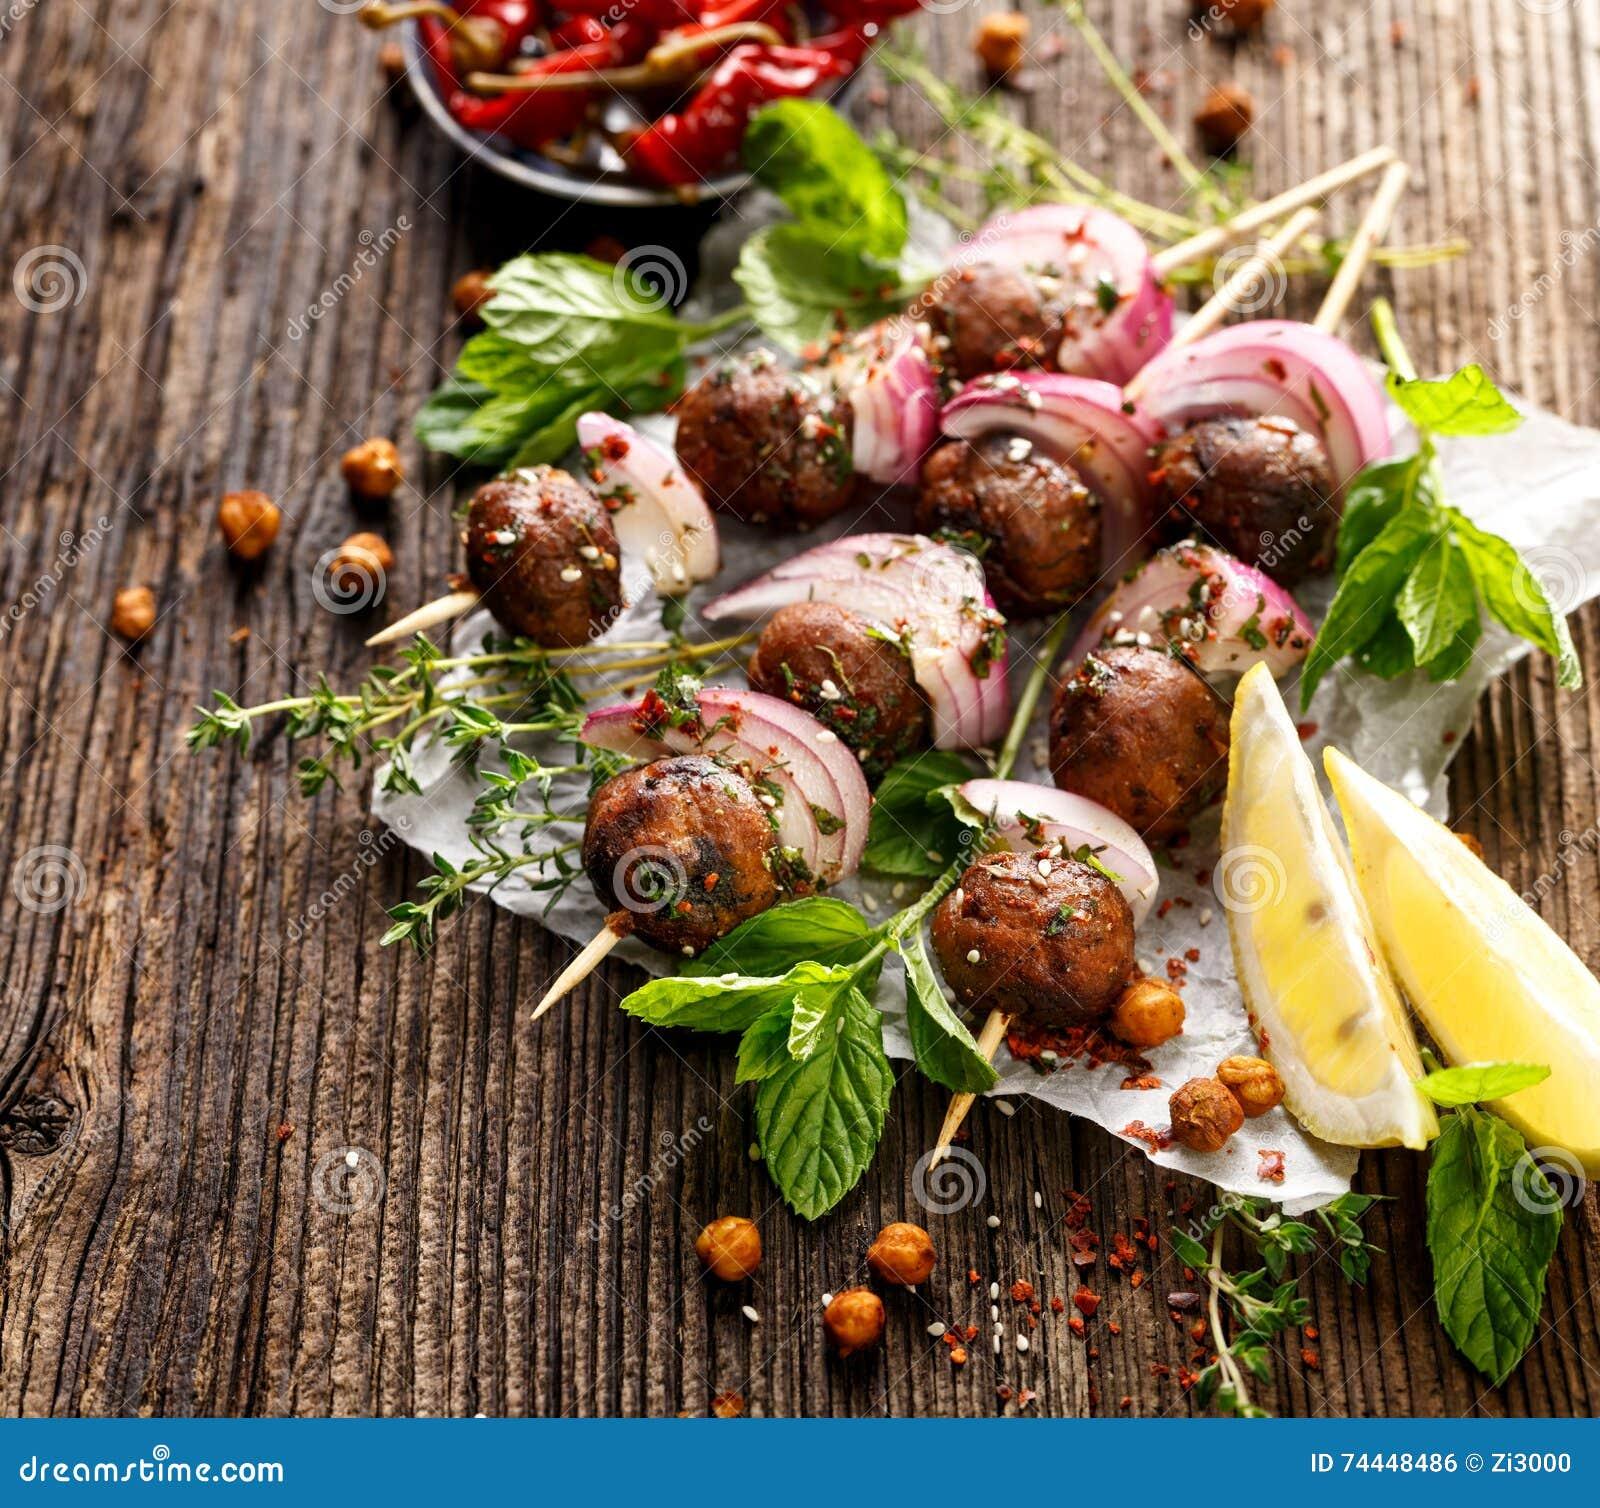 Koftavleespennen, vleesballetjes en rode ui met toevoeging van verse munt en thyme